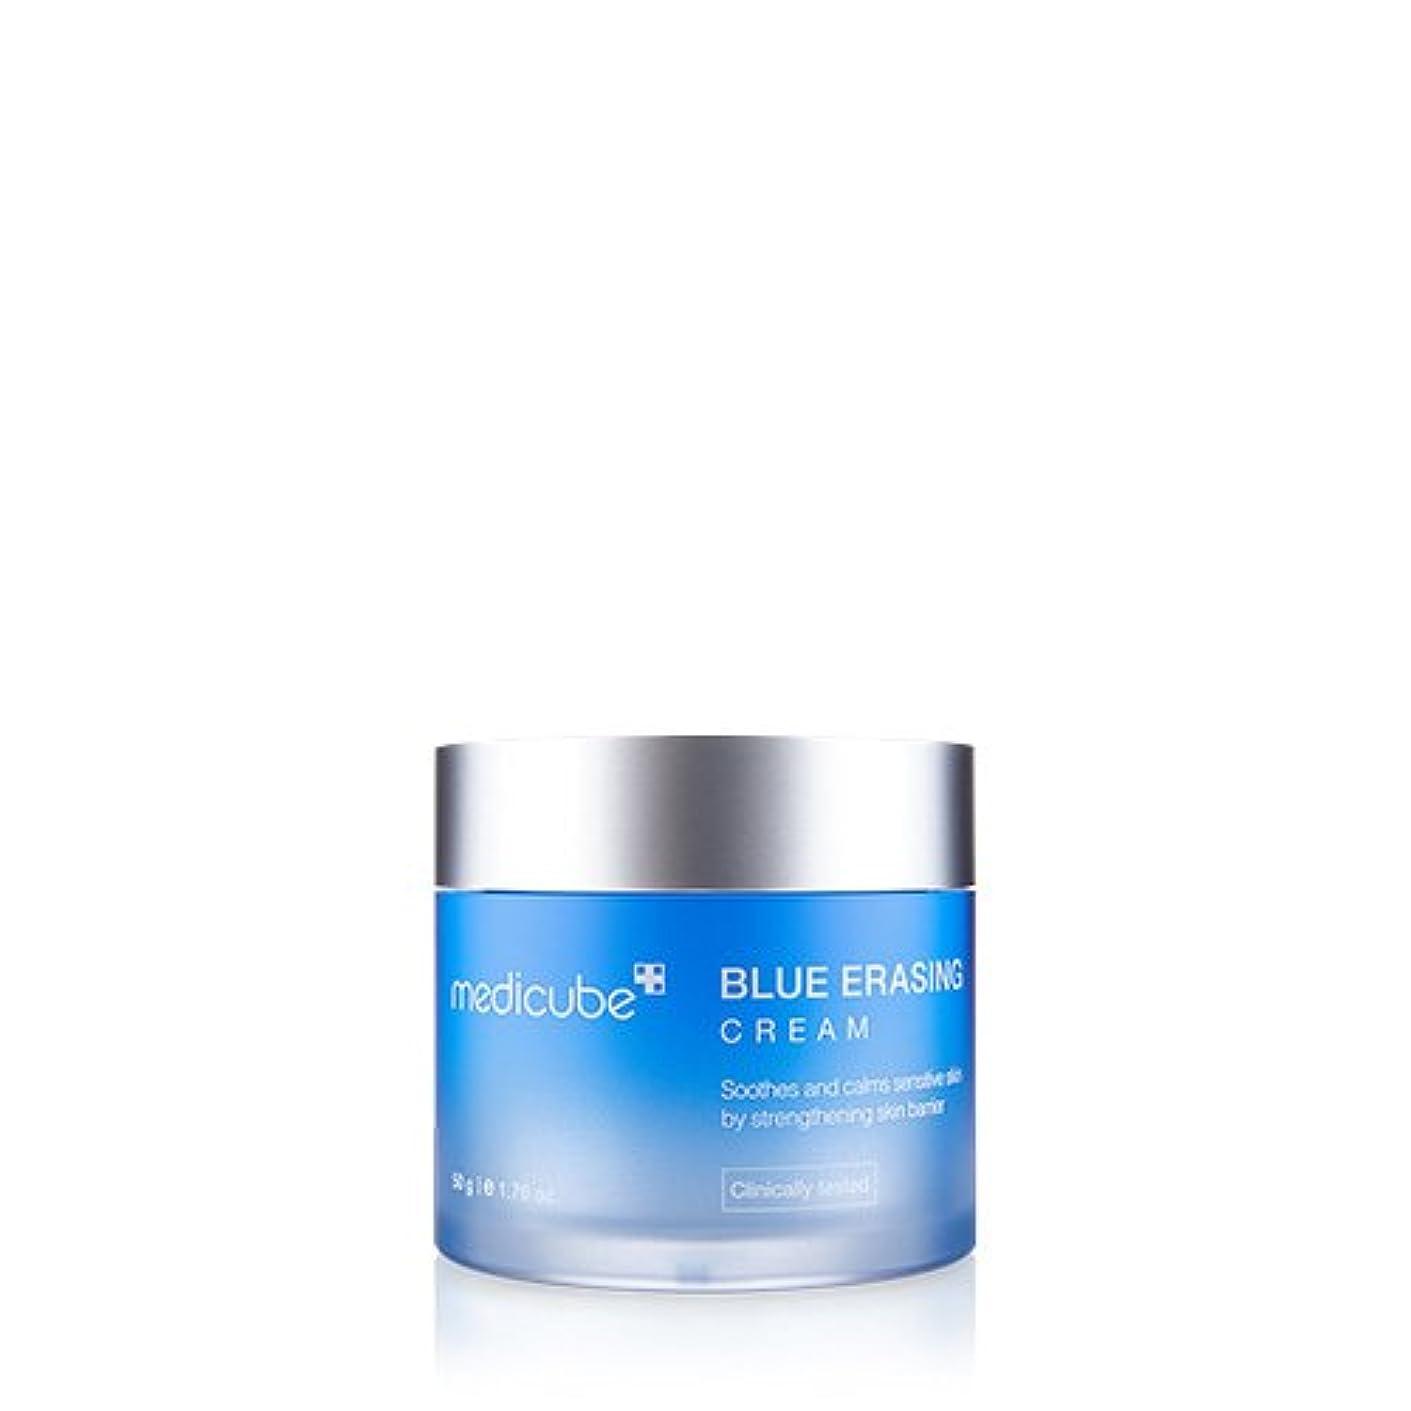 オーチャード利益かんがい[MEDICUBE] ★新着★送料無料★ Blue Erasing Cream/ブルーイレイジングクリーム [並行輸入品]